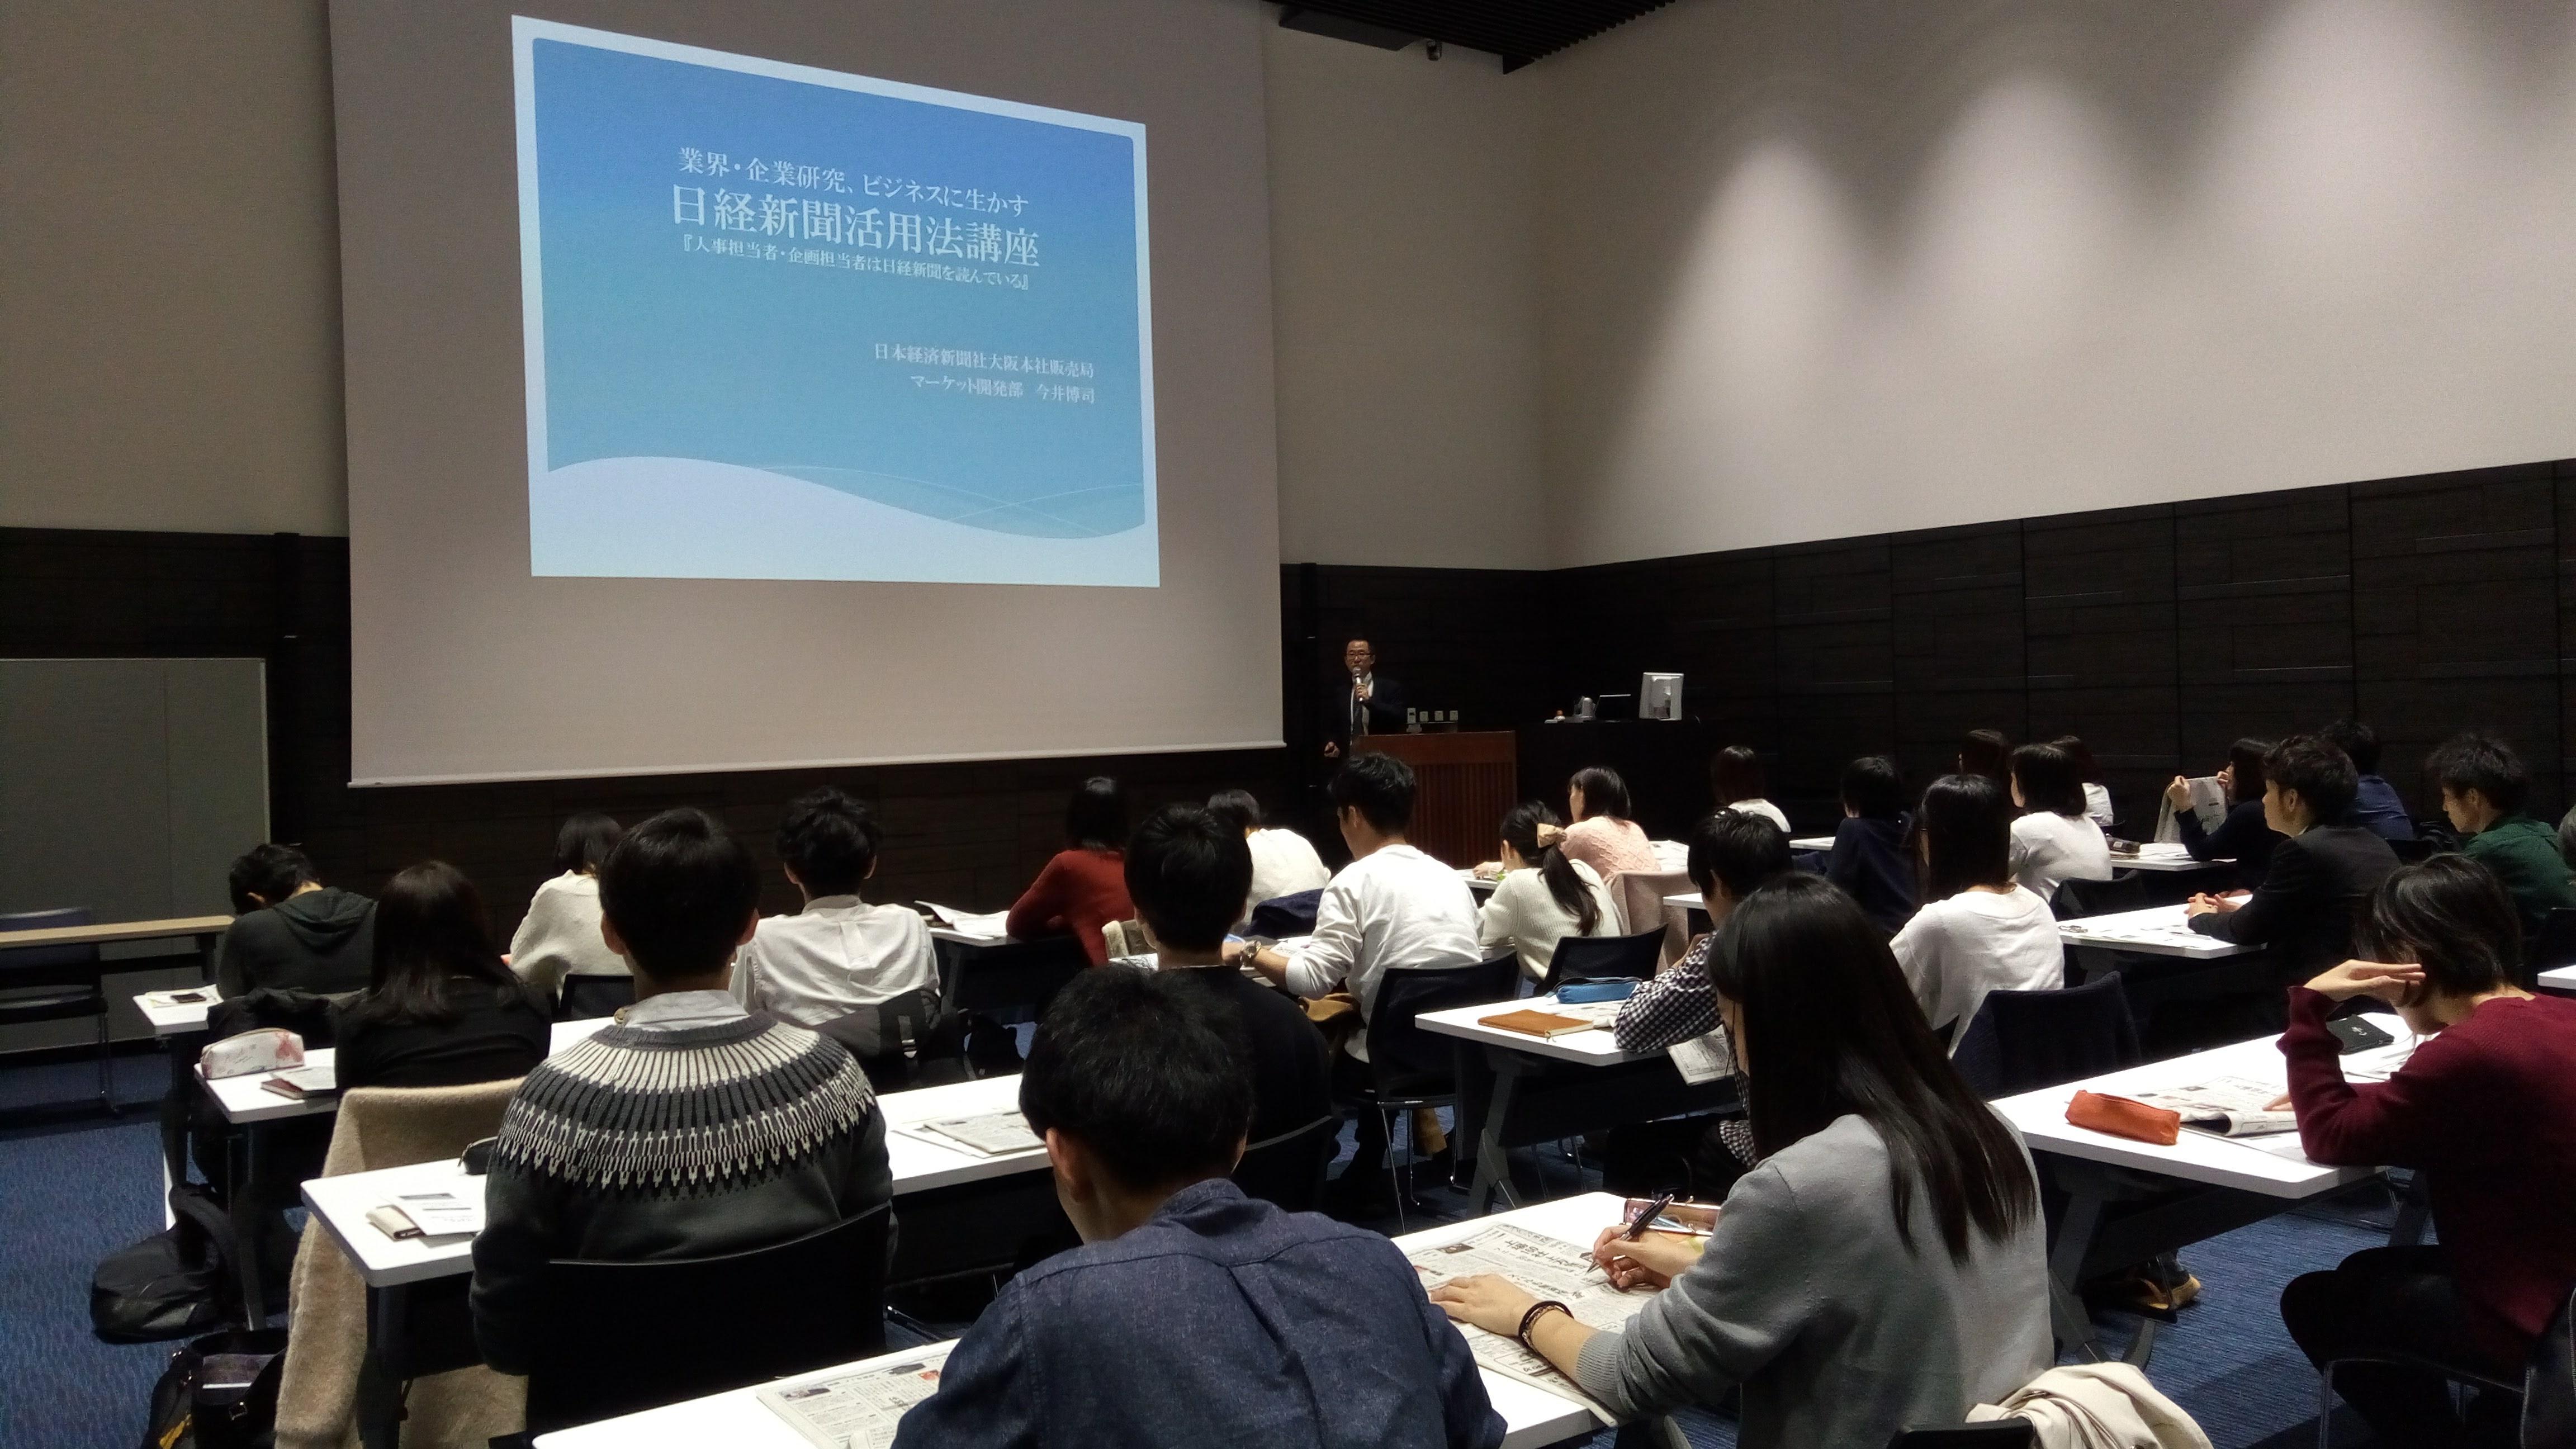 日経新聞×OfferBoxコラボ企画! 「日経新聞活用法講座」イベントレポート